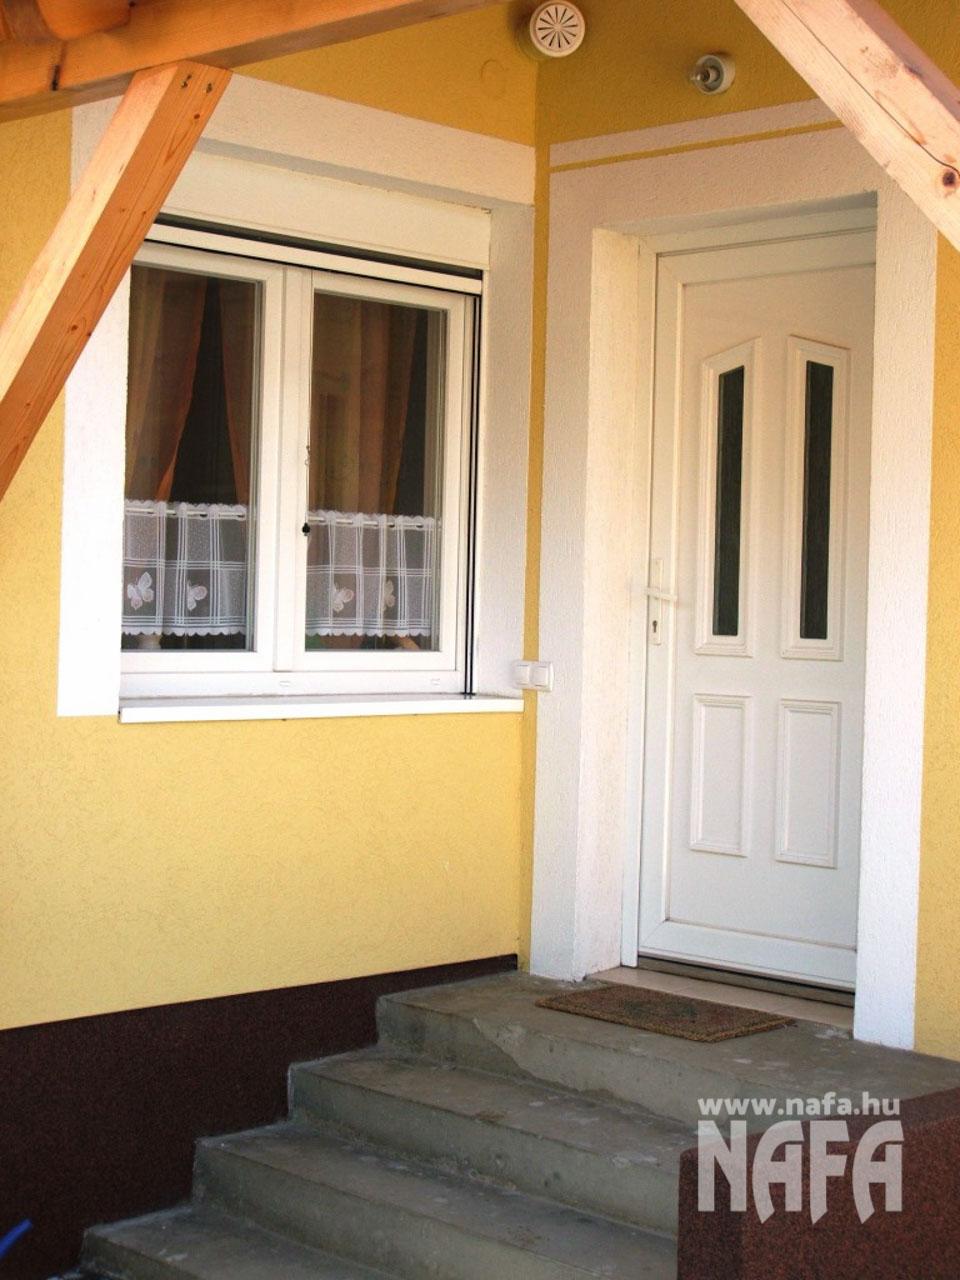 2 üveges műanyag bejárati ajtó